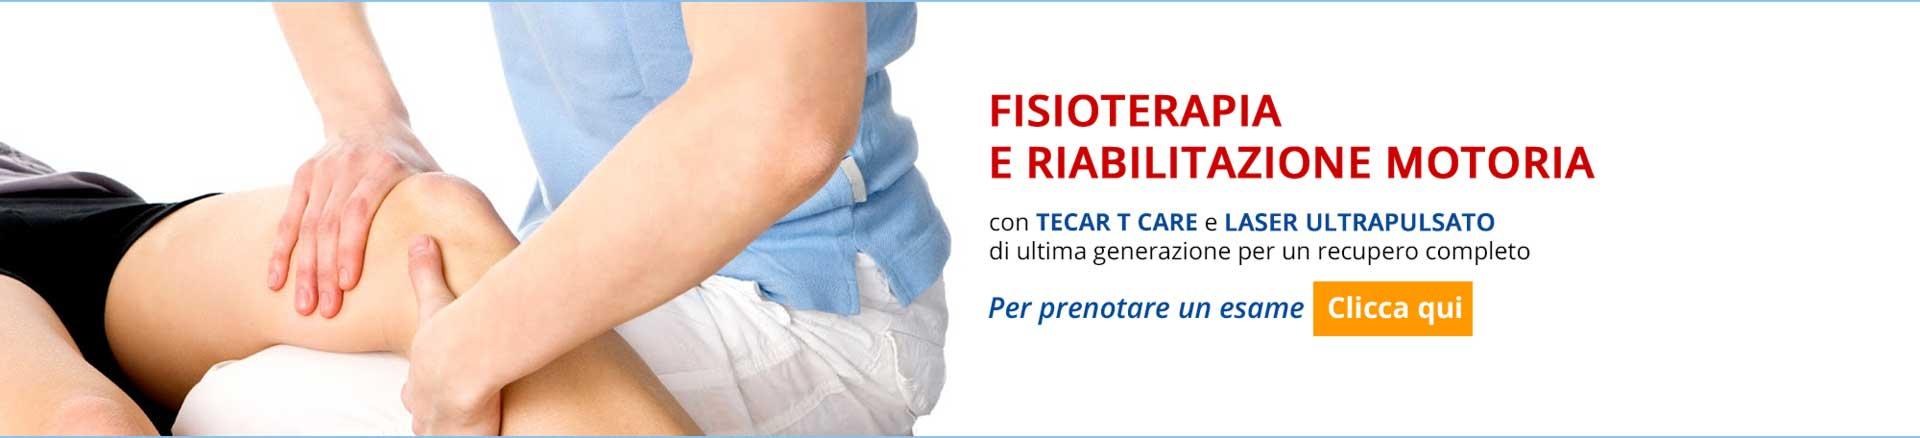 Fisioterapia e Riabilitazione Motoria Roma